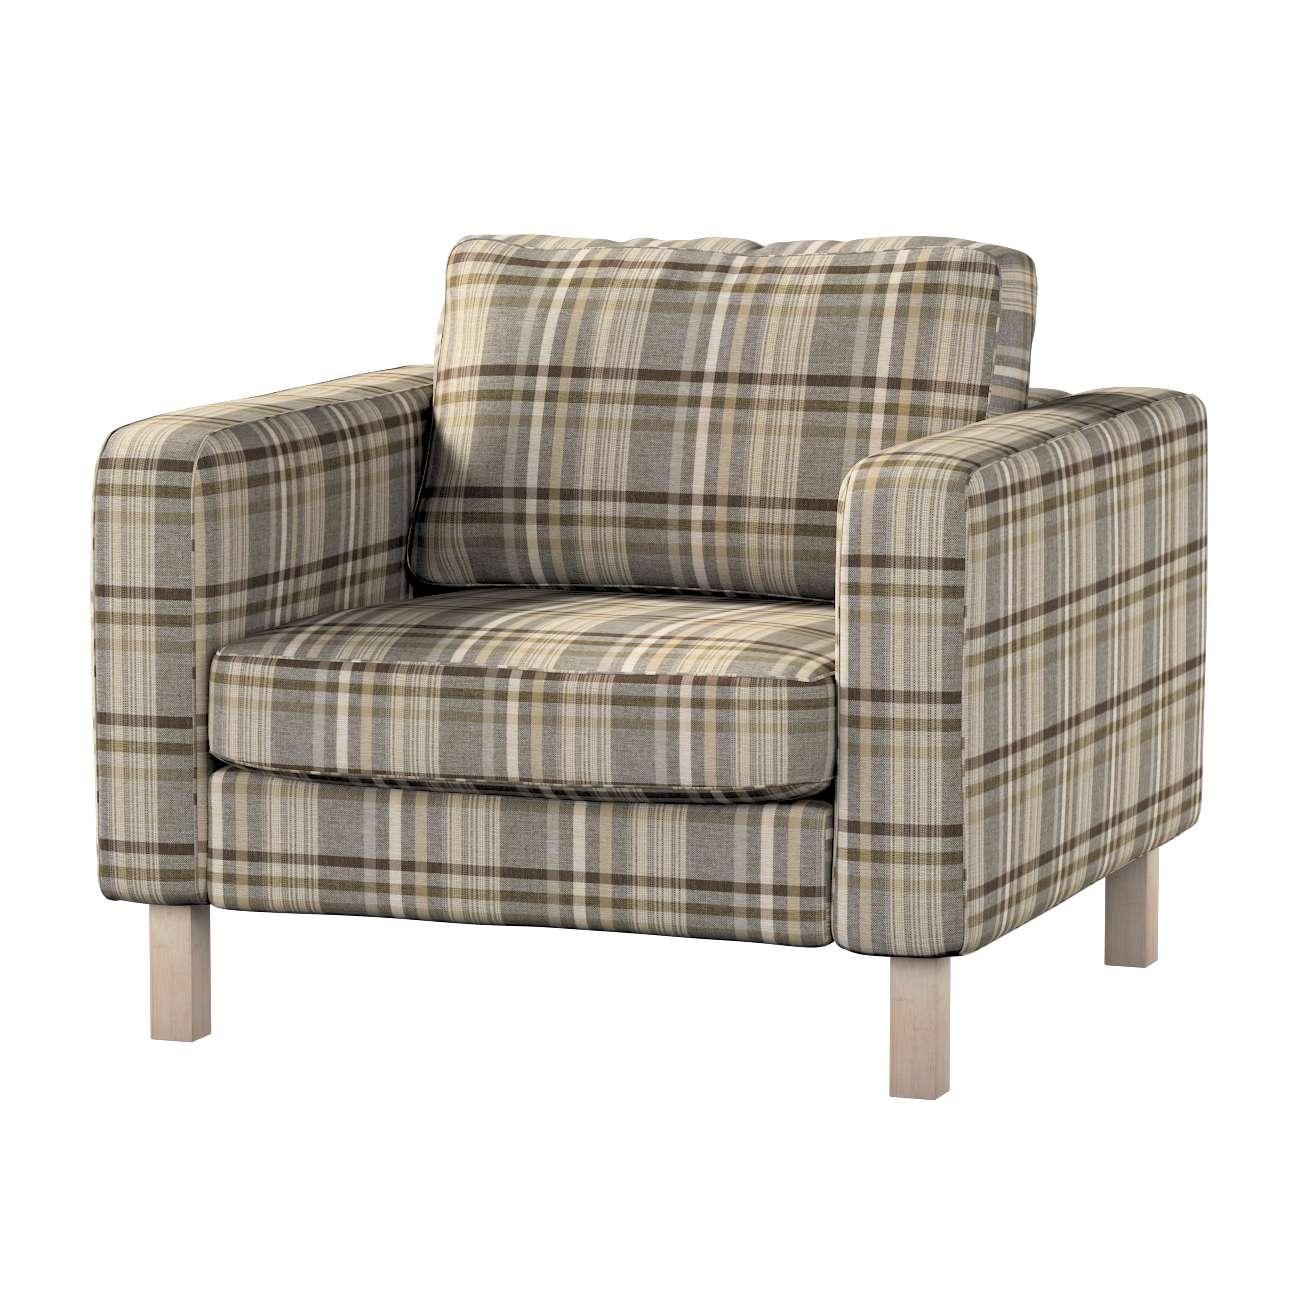 Pokrowiec na fotel Karlstad, krótki w kolekcji Edinburgh, tkanina: 703-17